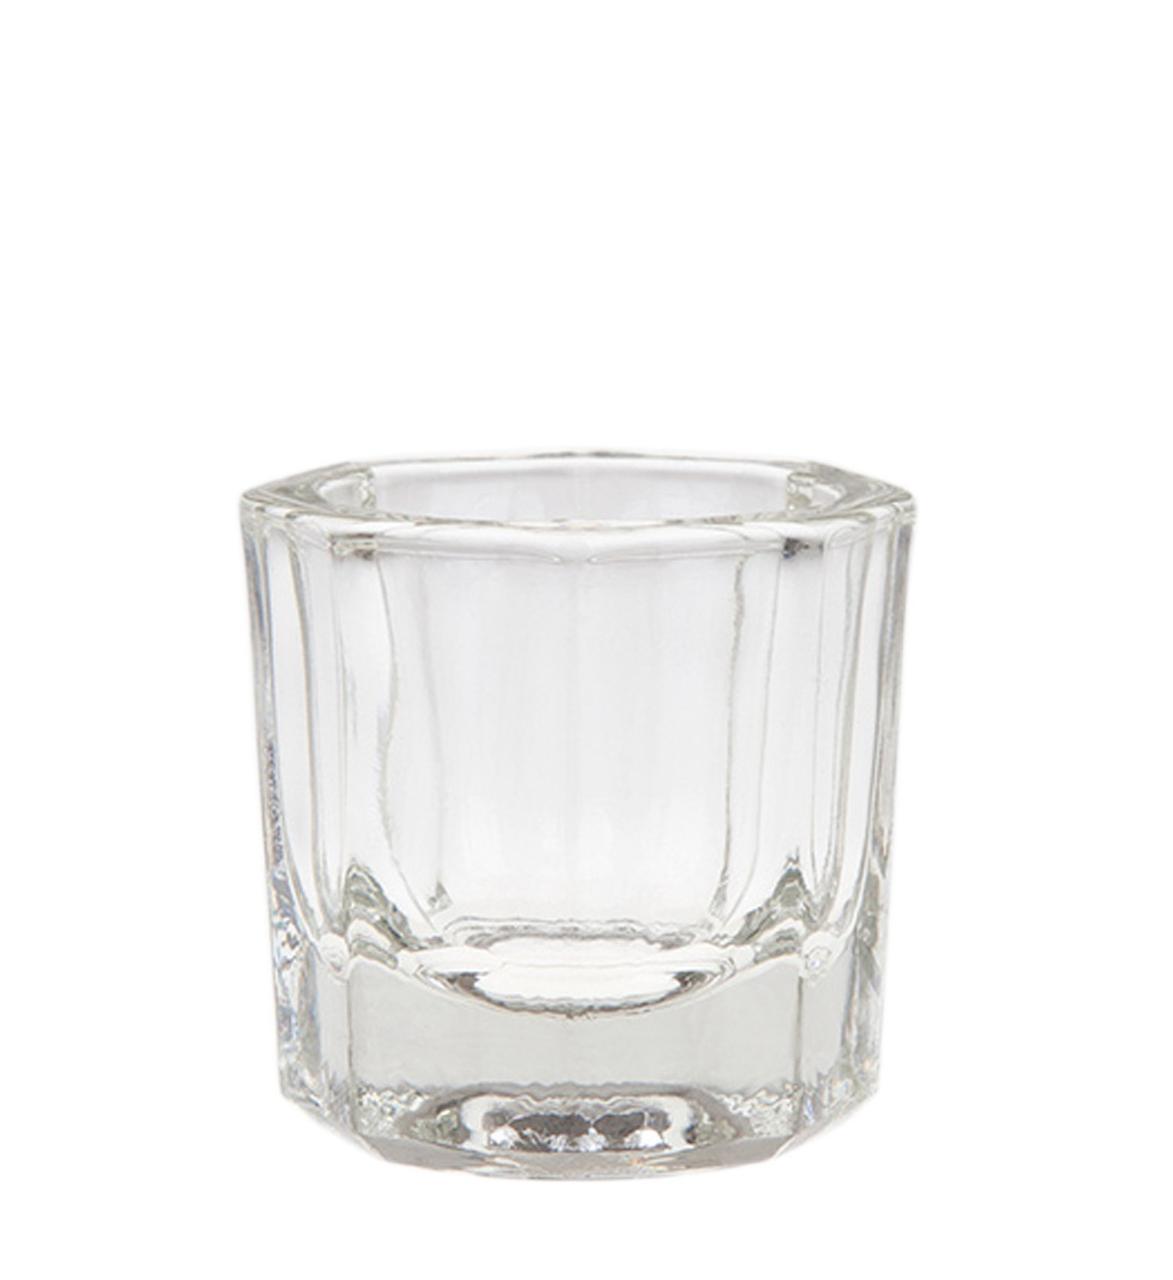 CC Brow стеклянный стаканчик для разведения хны 5 мл.